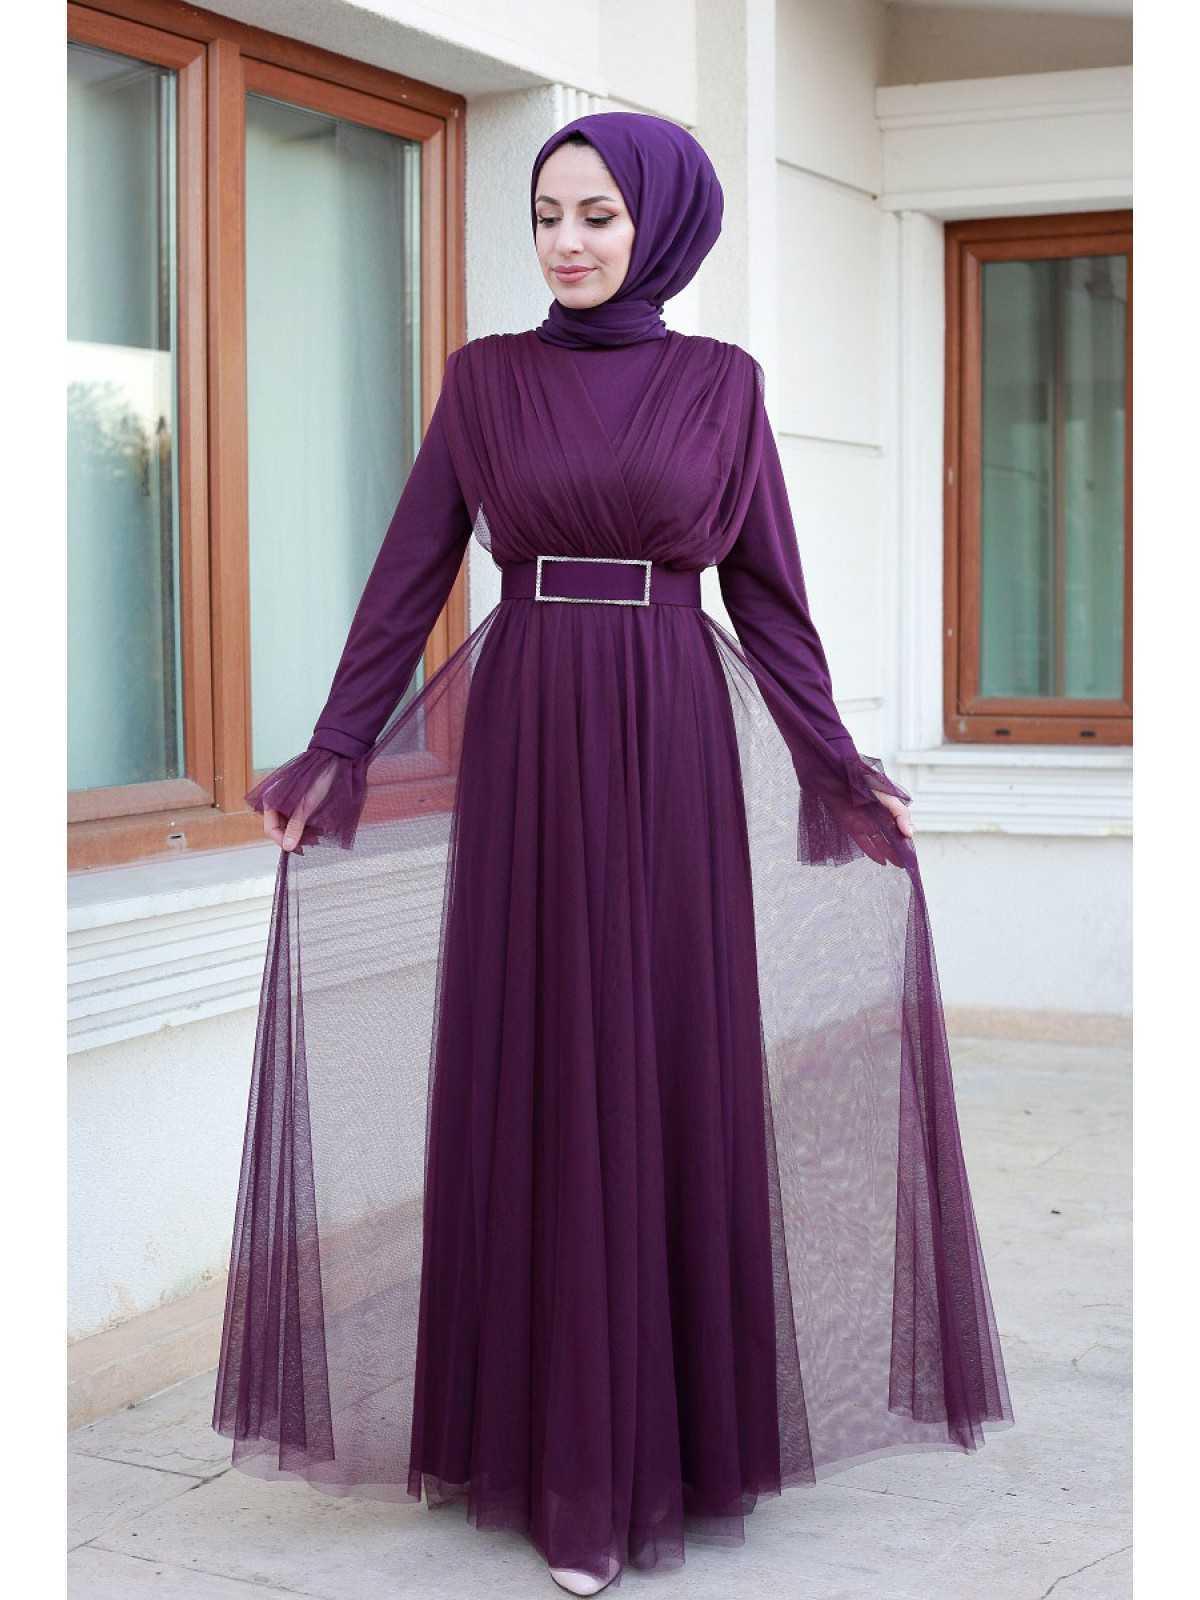 Sultan Yaprak Genç Tesettür Abiye Elbise Modelleri